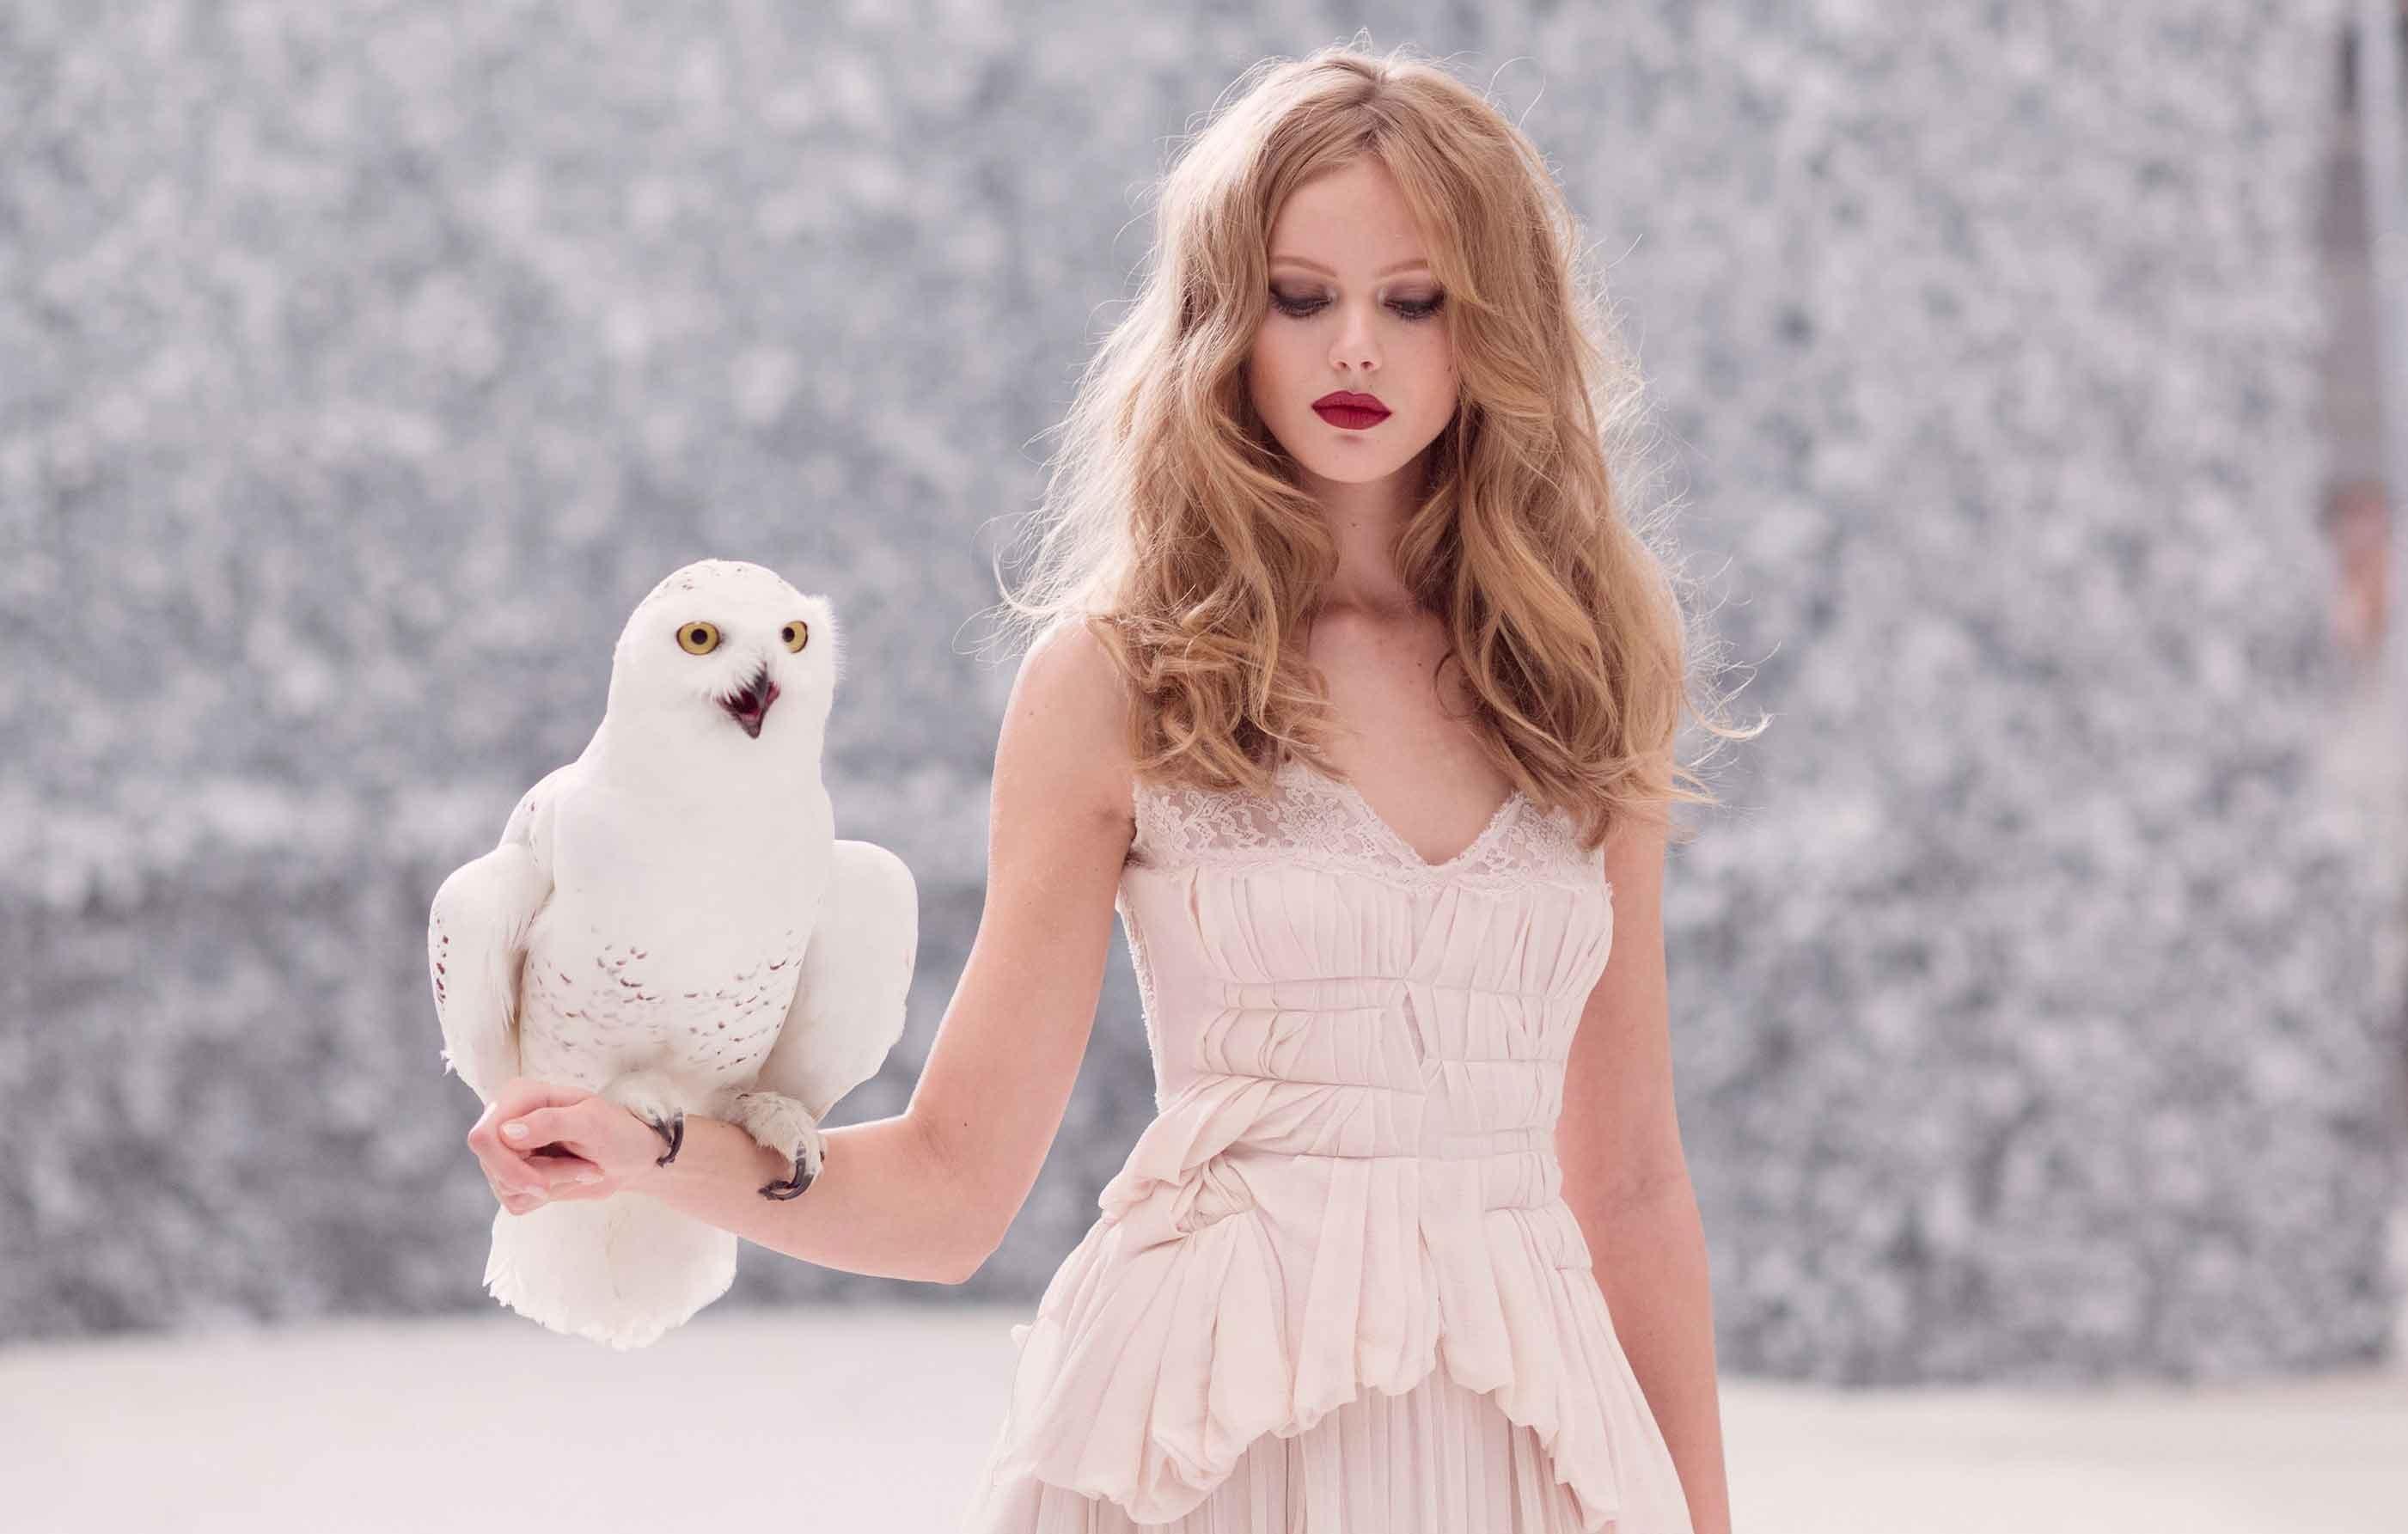 sale retailer 3f5ce d26af Hintergrundbilder : Tiere, Frau, Modell-, blond, lange Haare ...